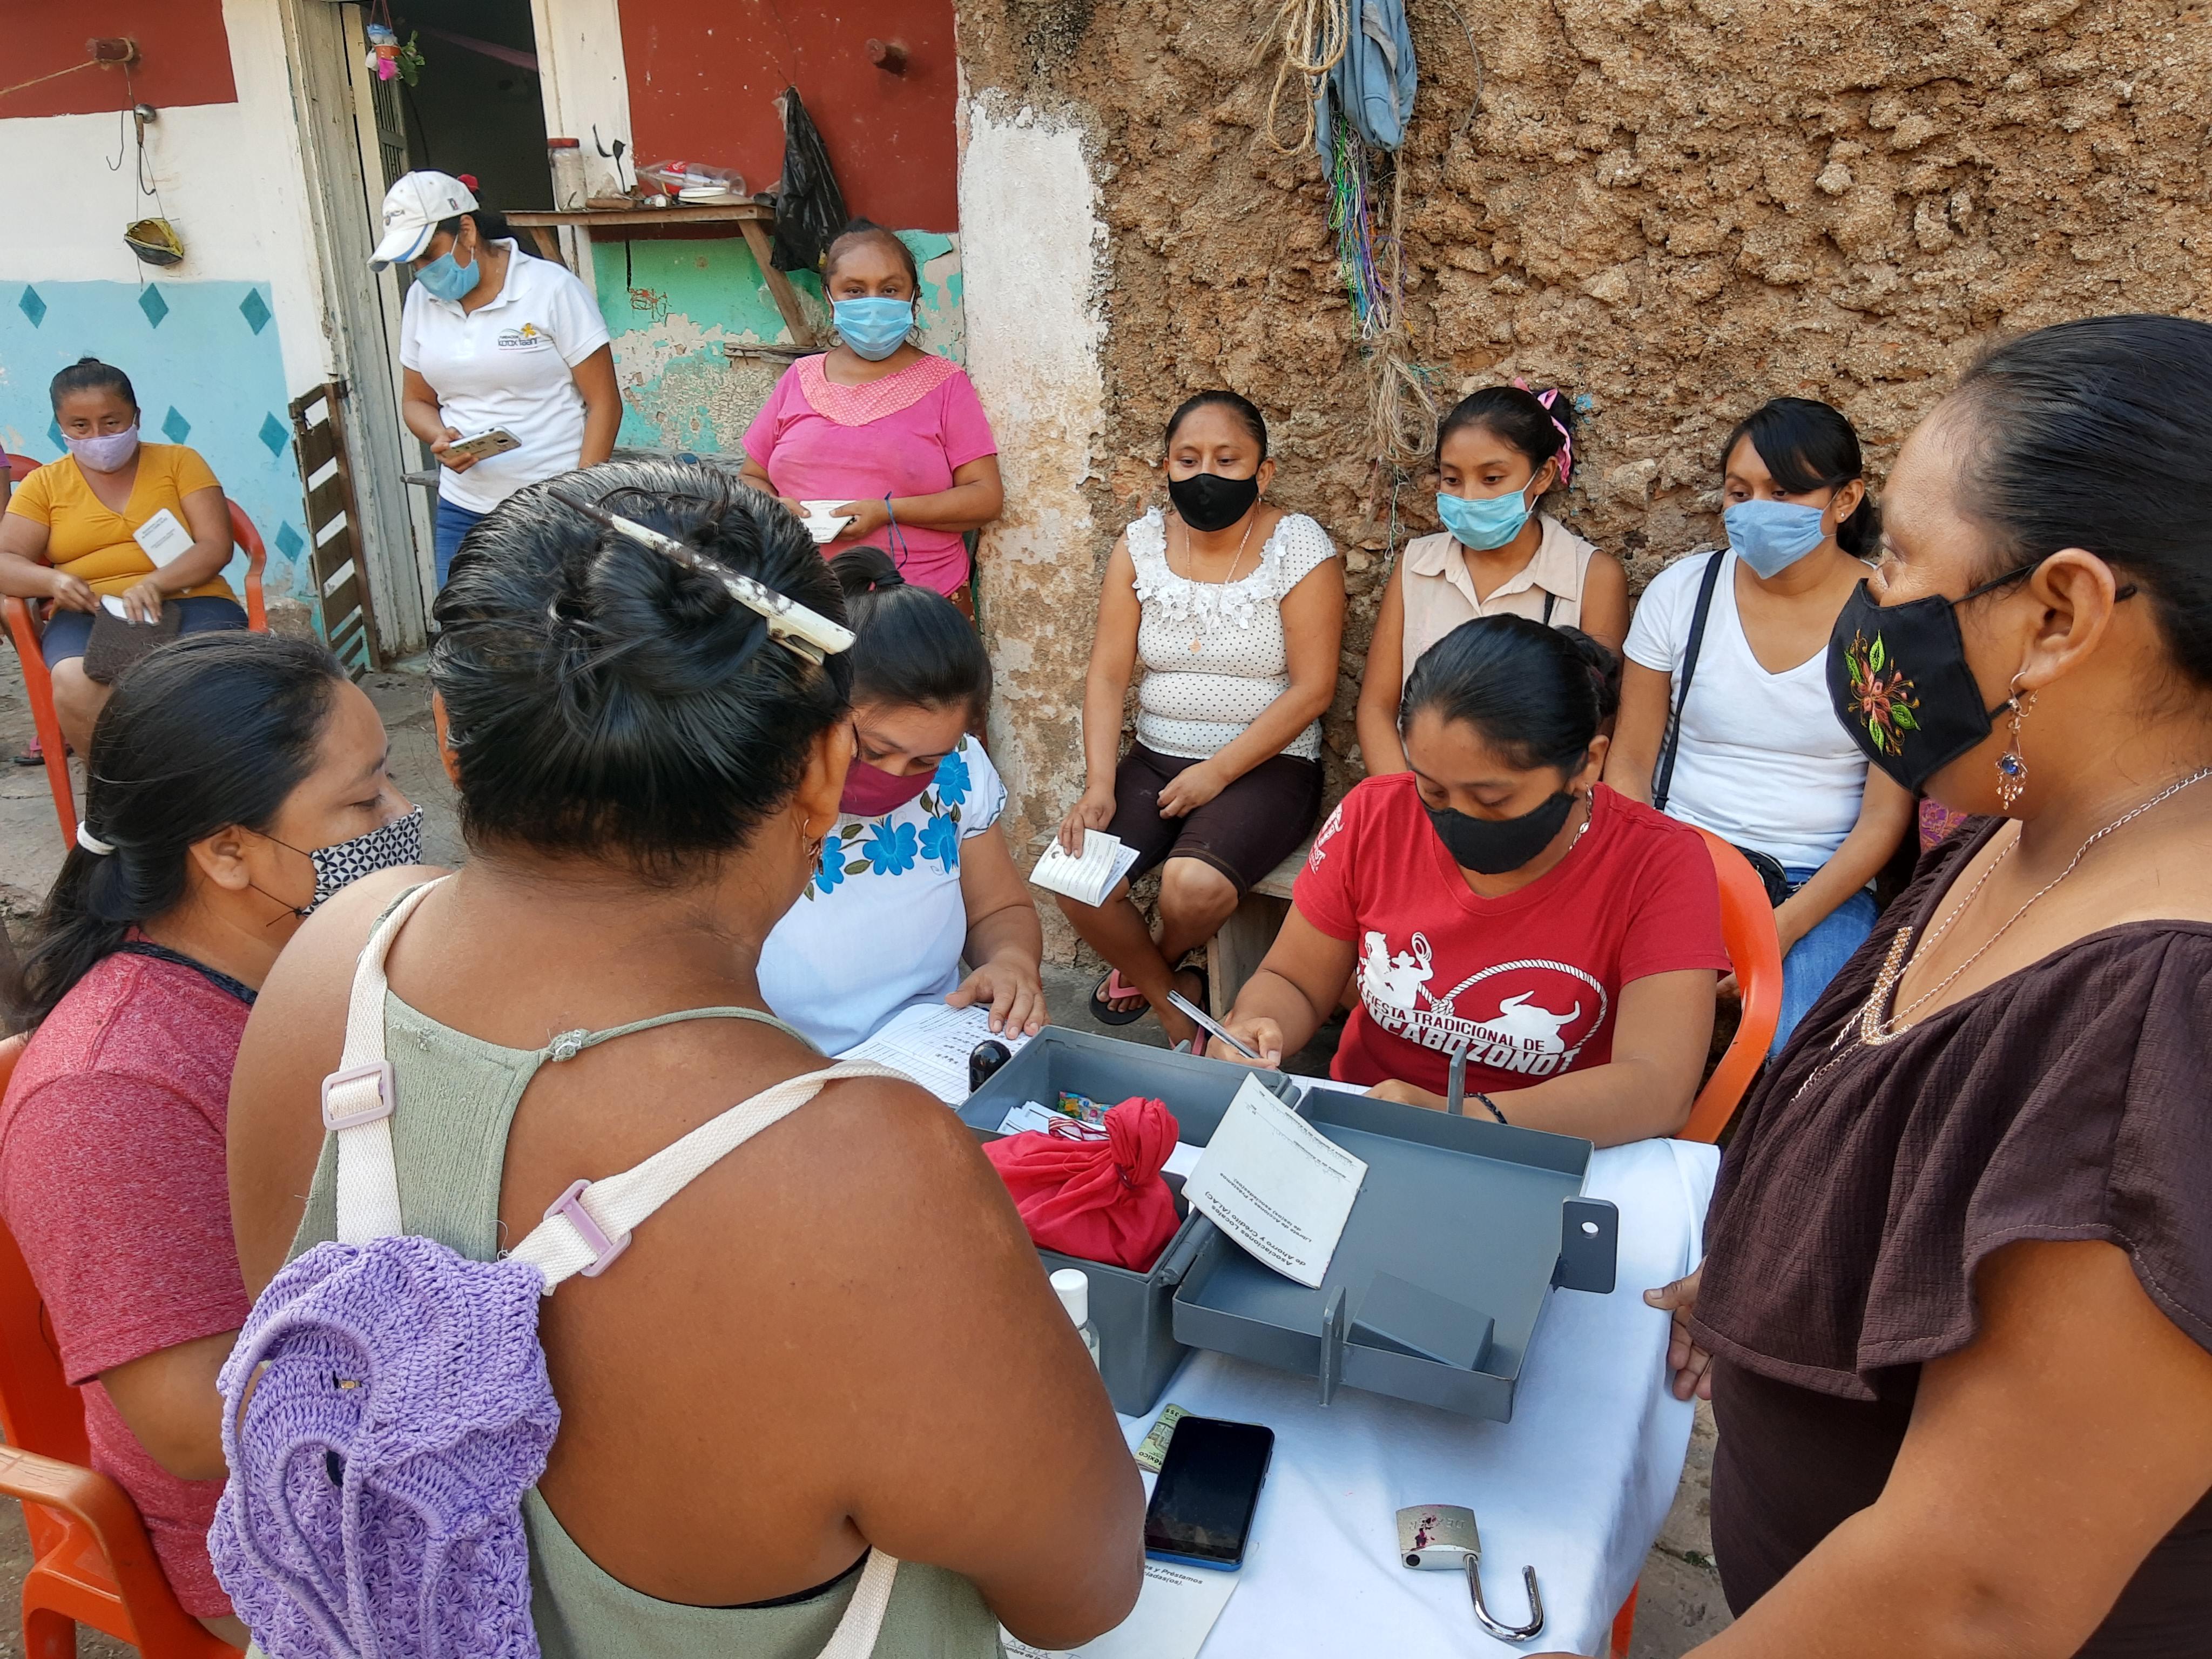 Primer simposio de resultados y aprendizajes del programa de graduación con mujeres indígenas en pobreza extrema en Yucatán y Chiapas.